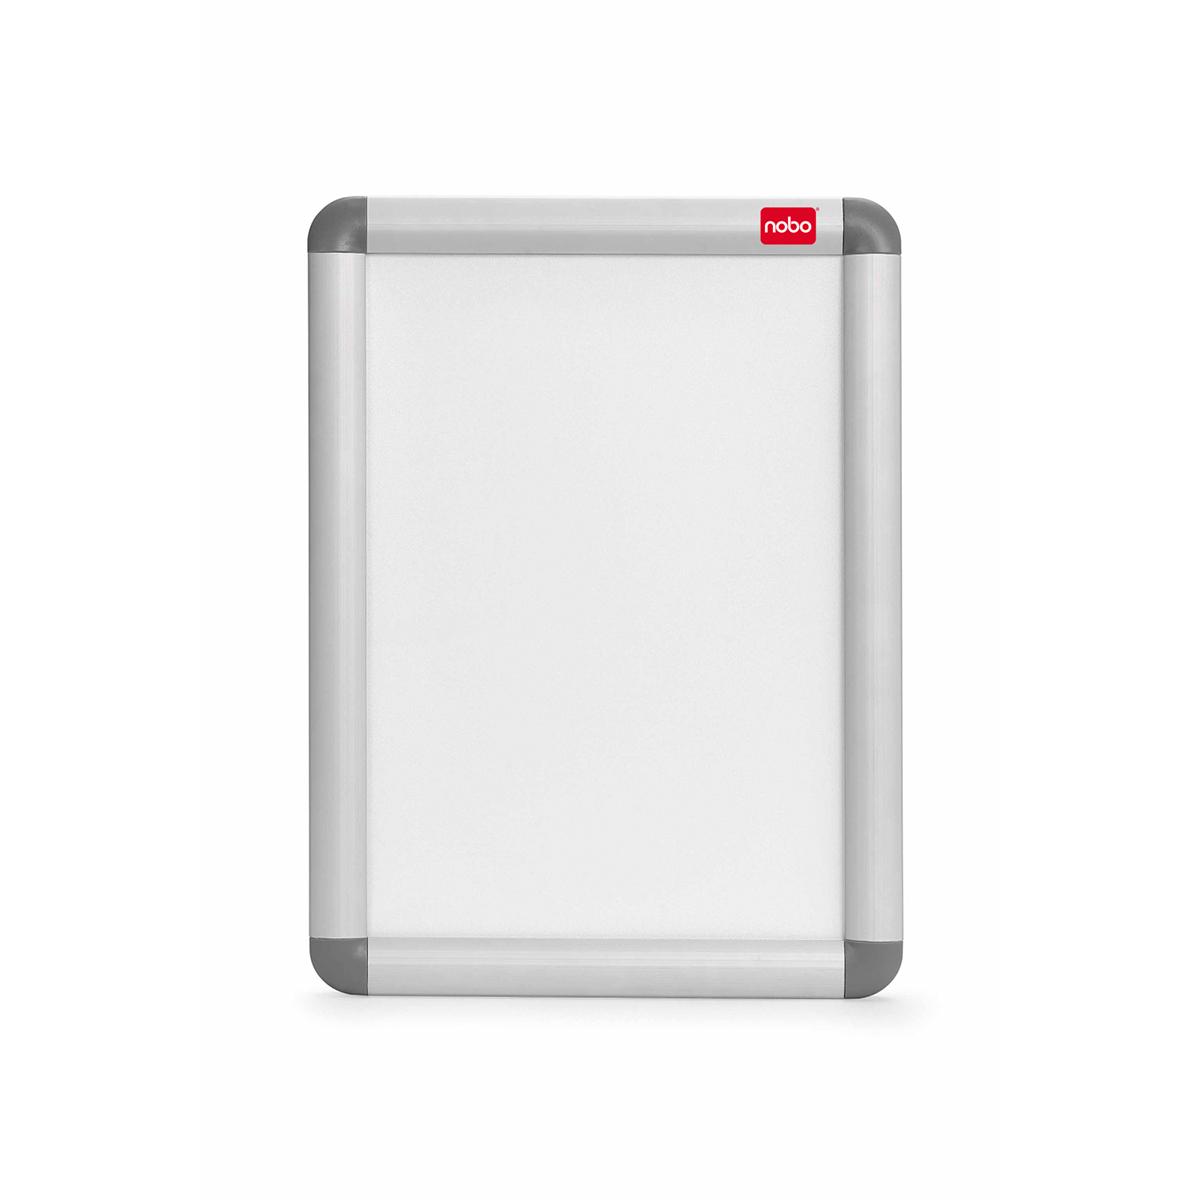 Nobo 1902214 A4 Clip Frame Silver and Grey